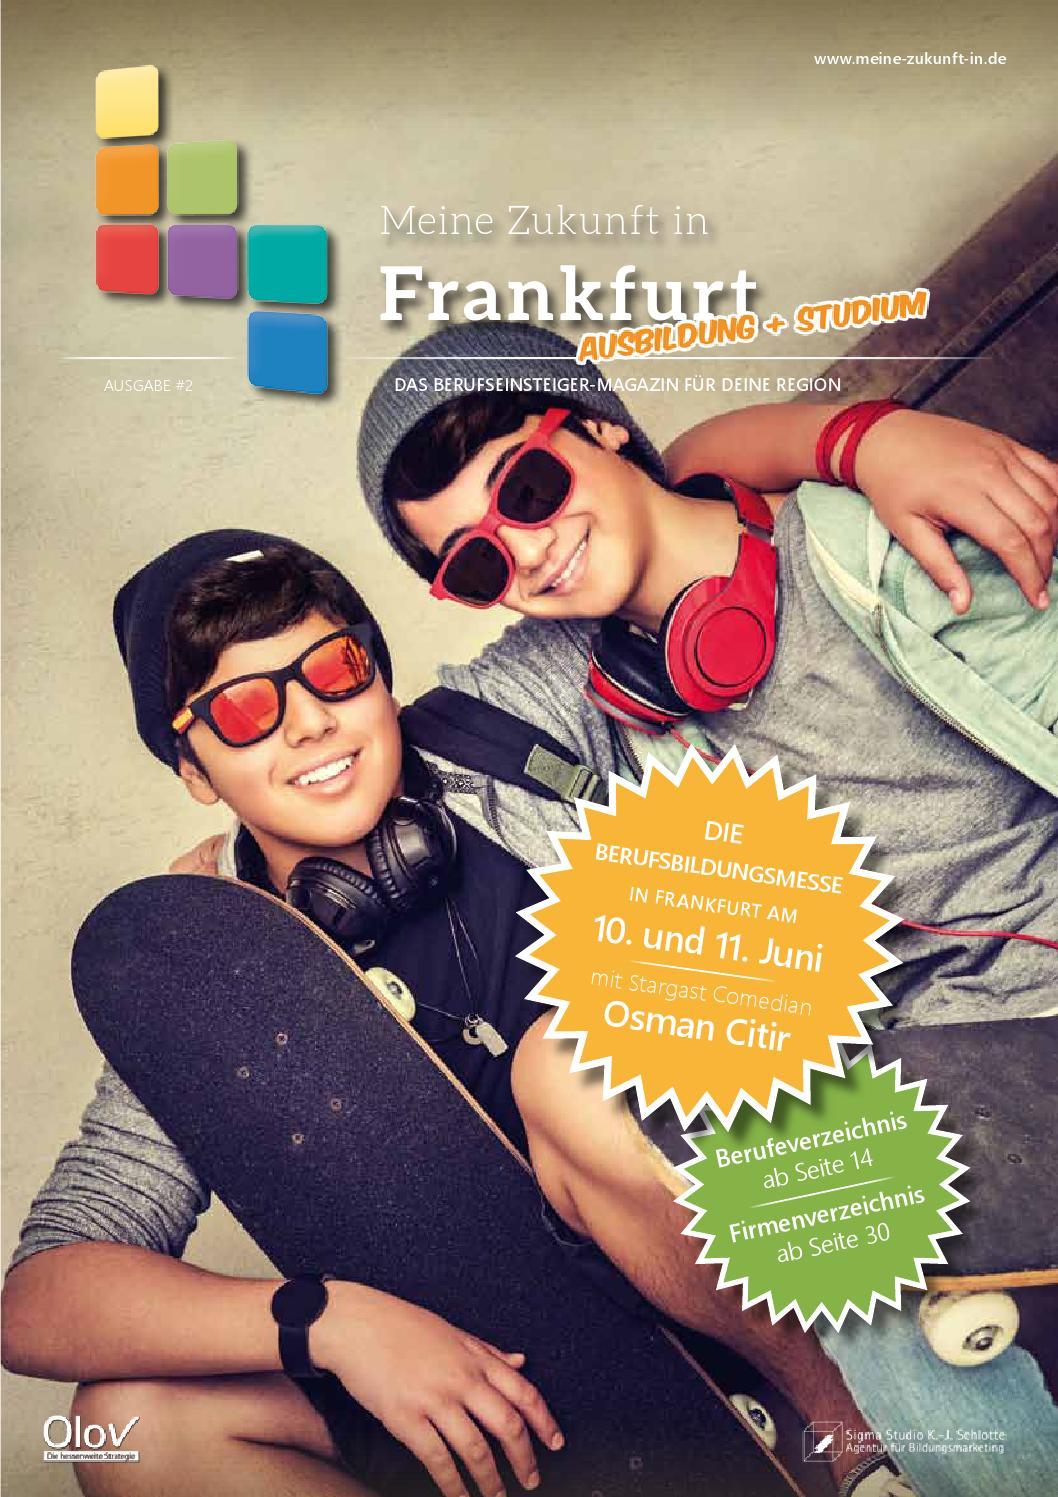 Meine Zukunft in Frankfurt 2016 - Das Berufseinsteiger-Magazin by Sigma  Studio - issuu